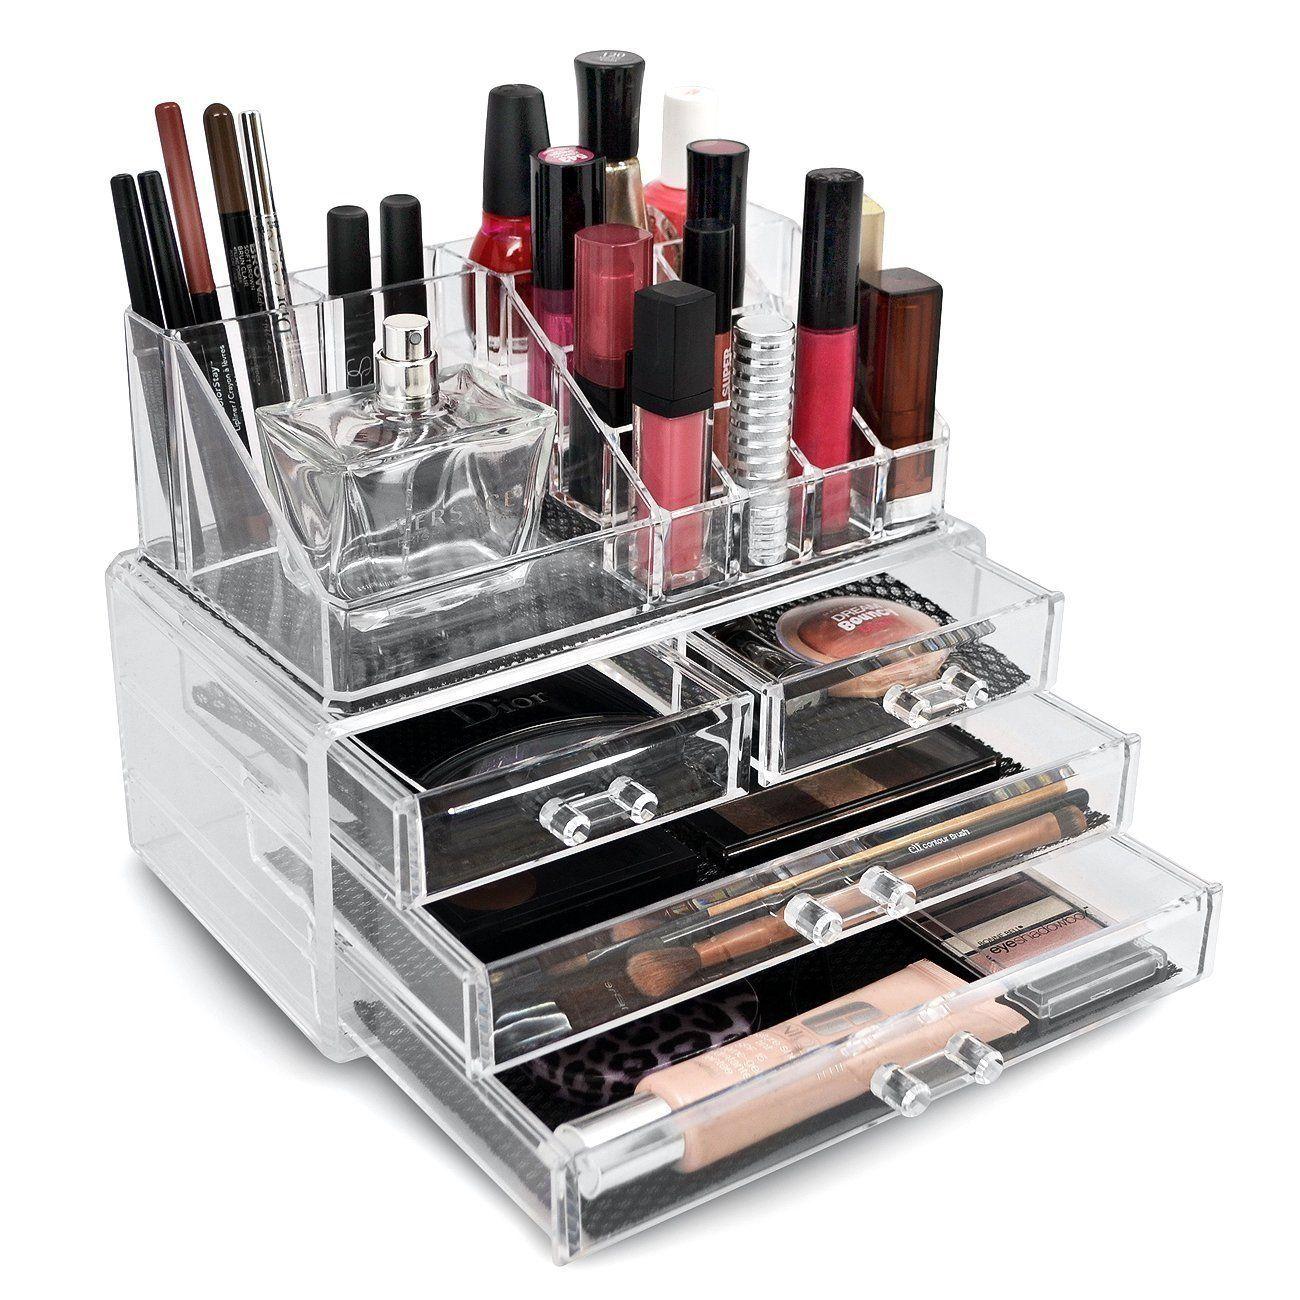 Best Makeup Organizer Ideas Acrylic makeup organizers Display